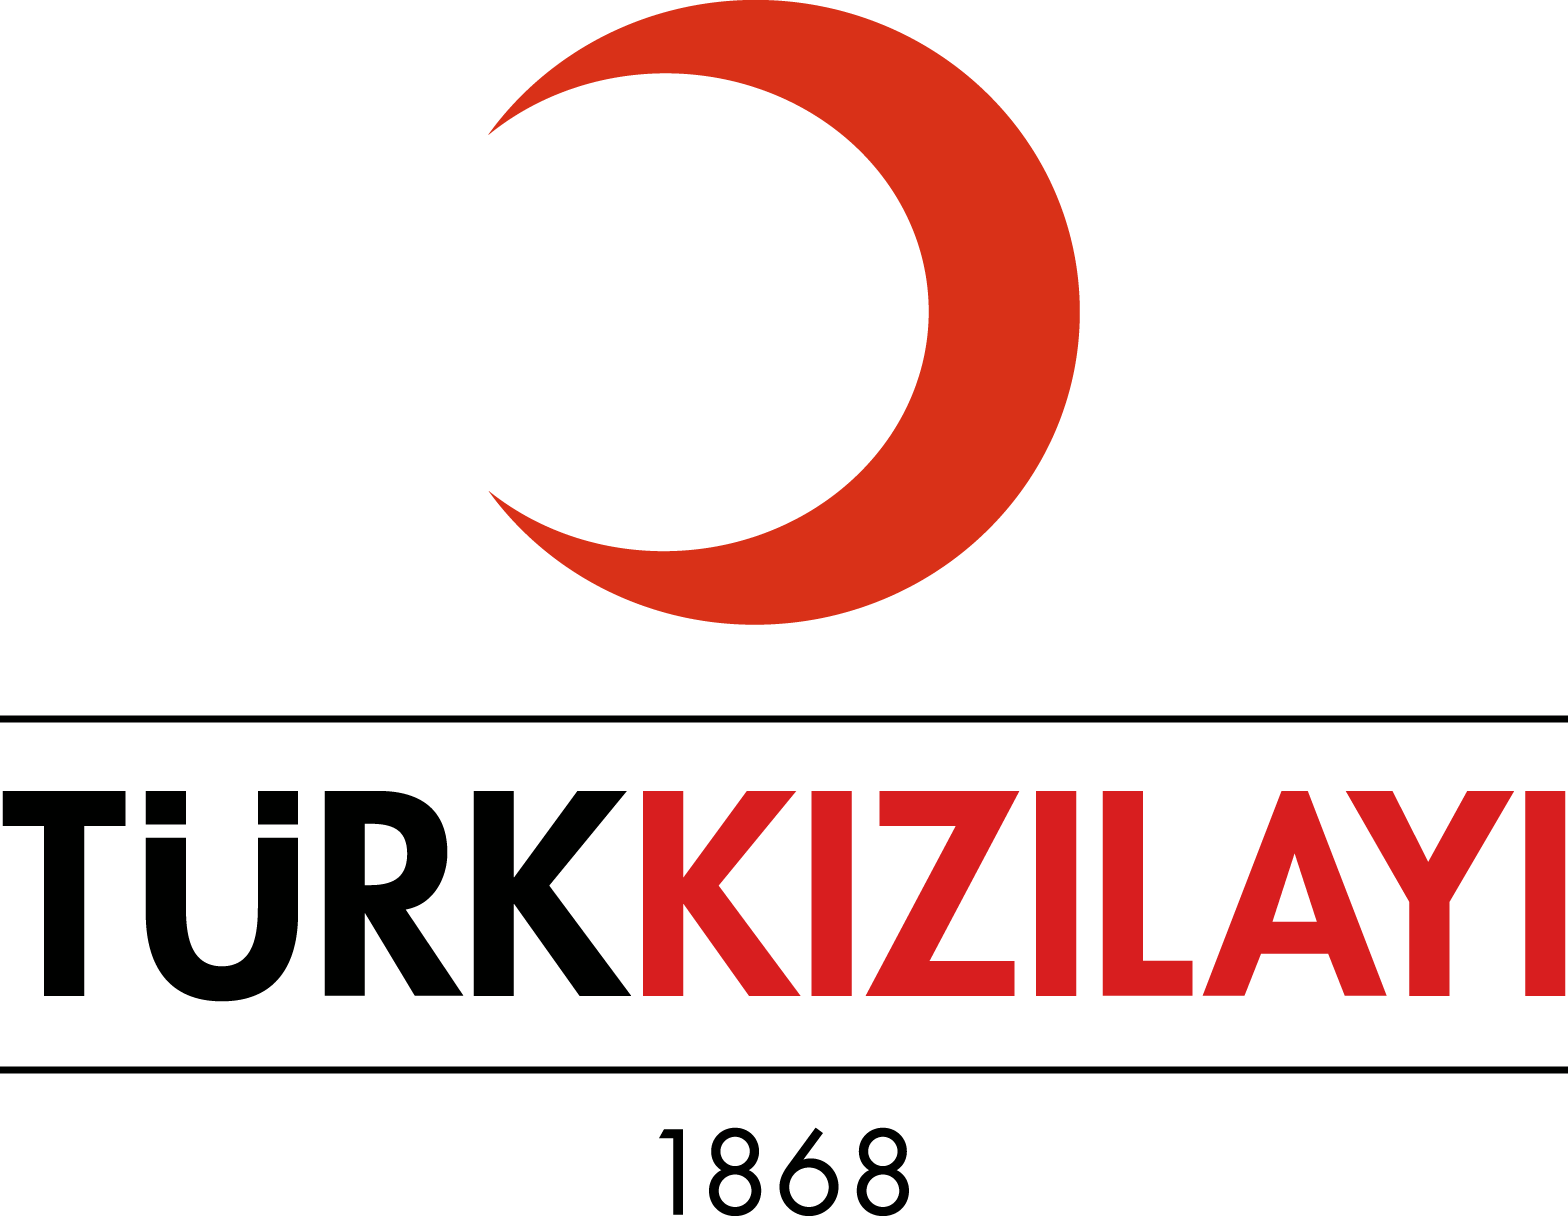 turk-kizilayi-logo